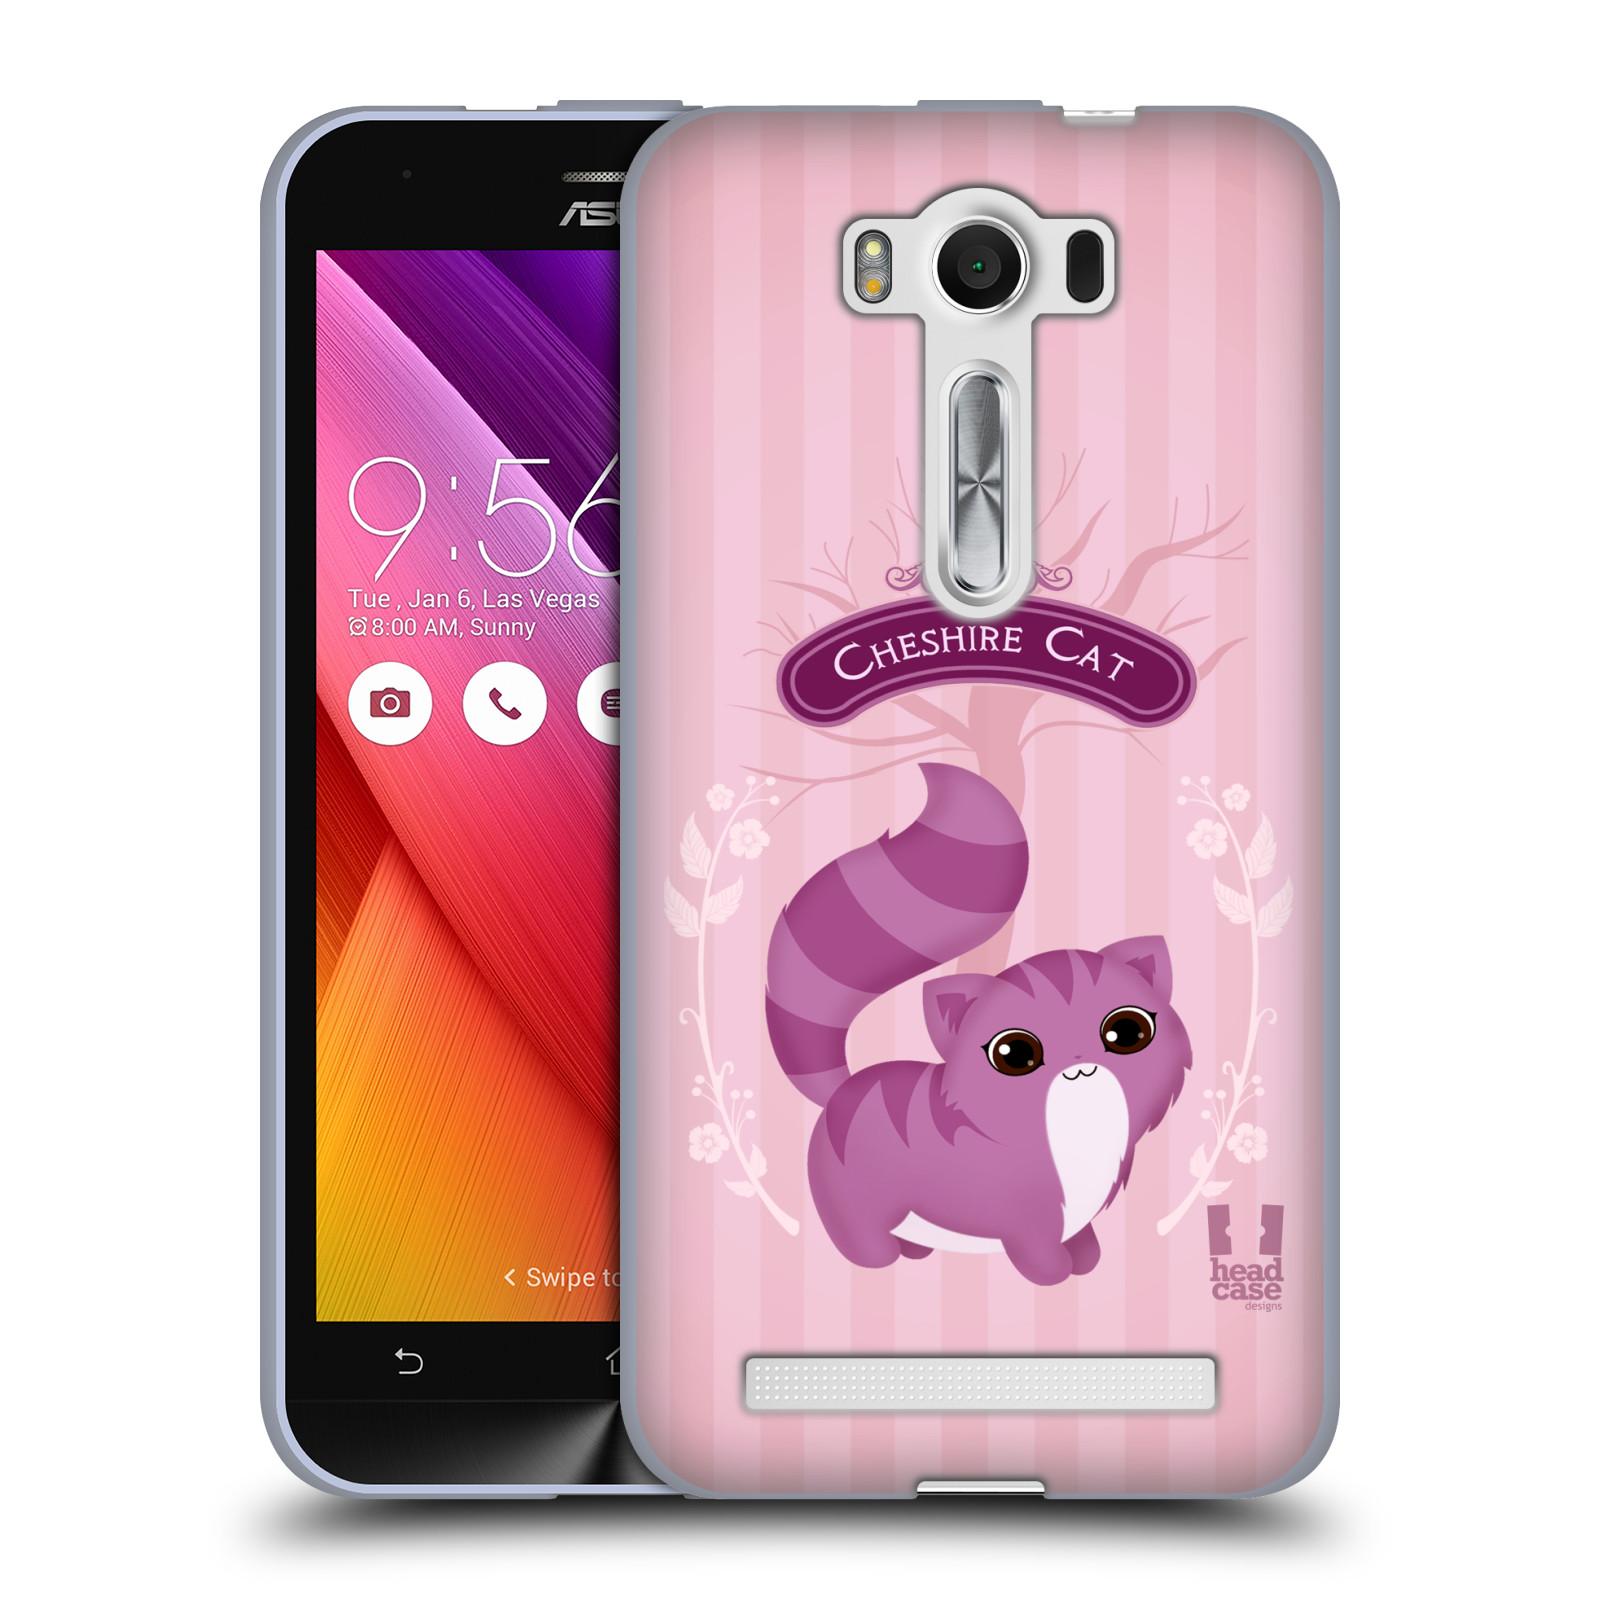 """HEAD CASE silikonový obal na mobil Asus Zenfone 2 LASER (ZE500KL s 5"""" displejem) vzor Alenka v říši divů kočička"""